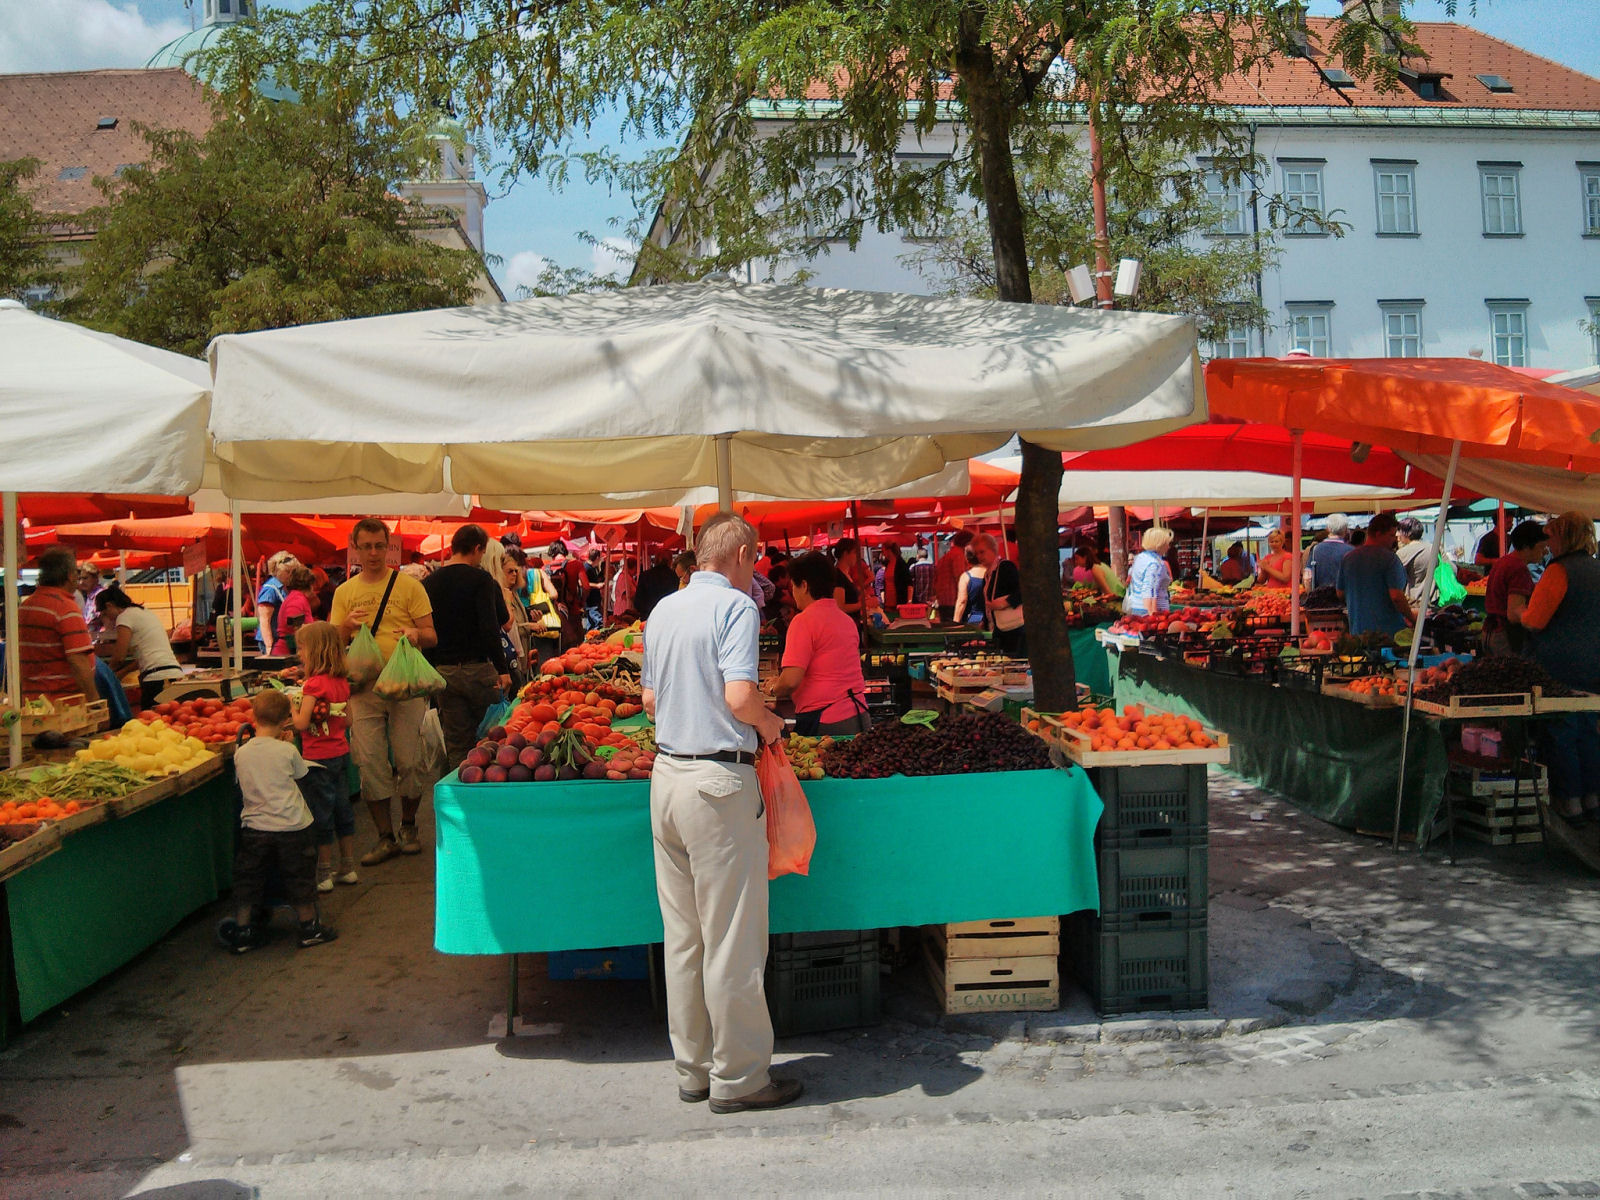 Bustling market in Ljubljana, Slovenia